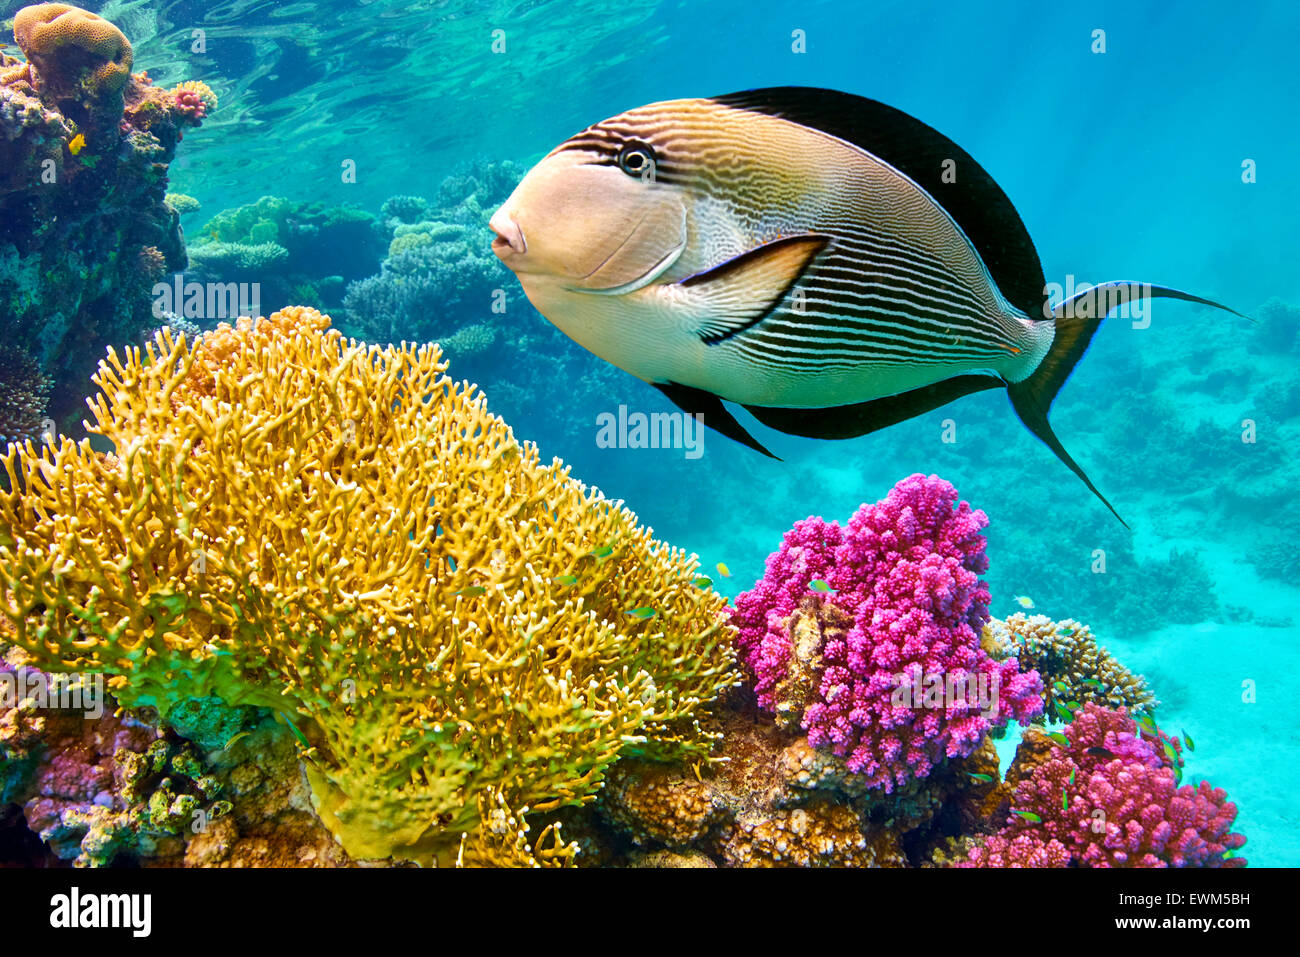 Mer Rouge - vue sous-marine à poissons et coraux, Marsa Alam, Egypte Photo Stock